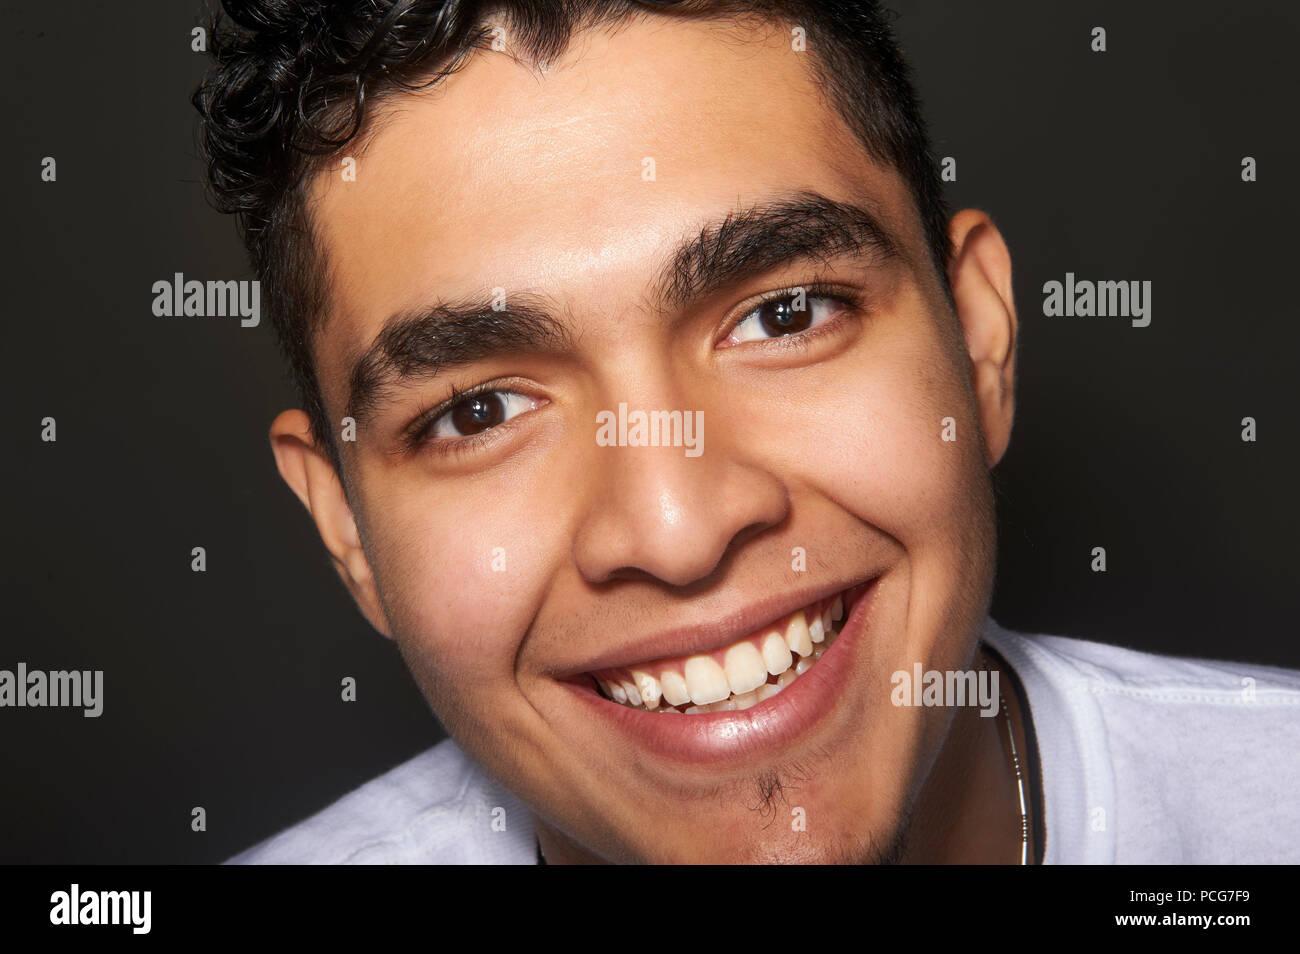 Portrait d'un jeune de 19 ans, souriant, Photo Stock